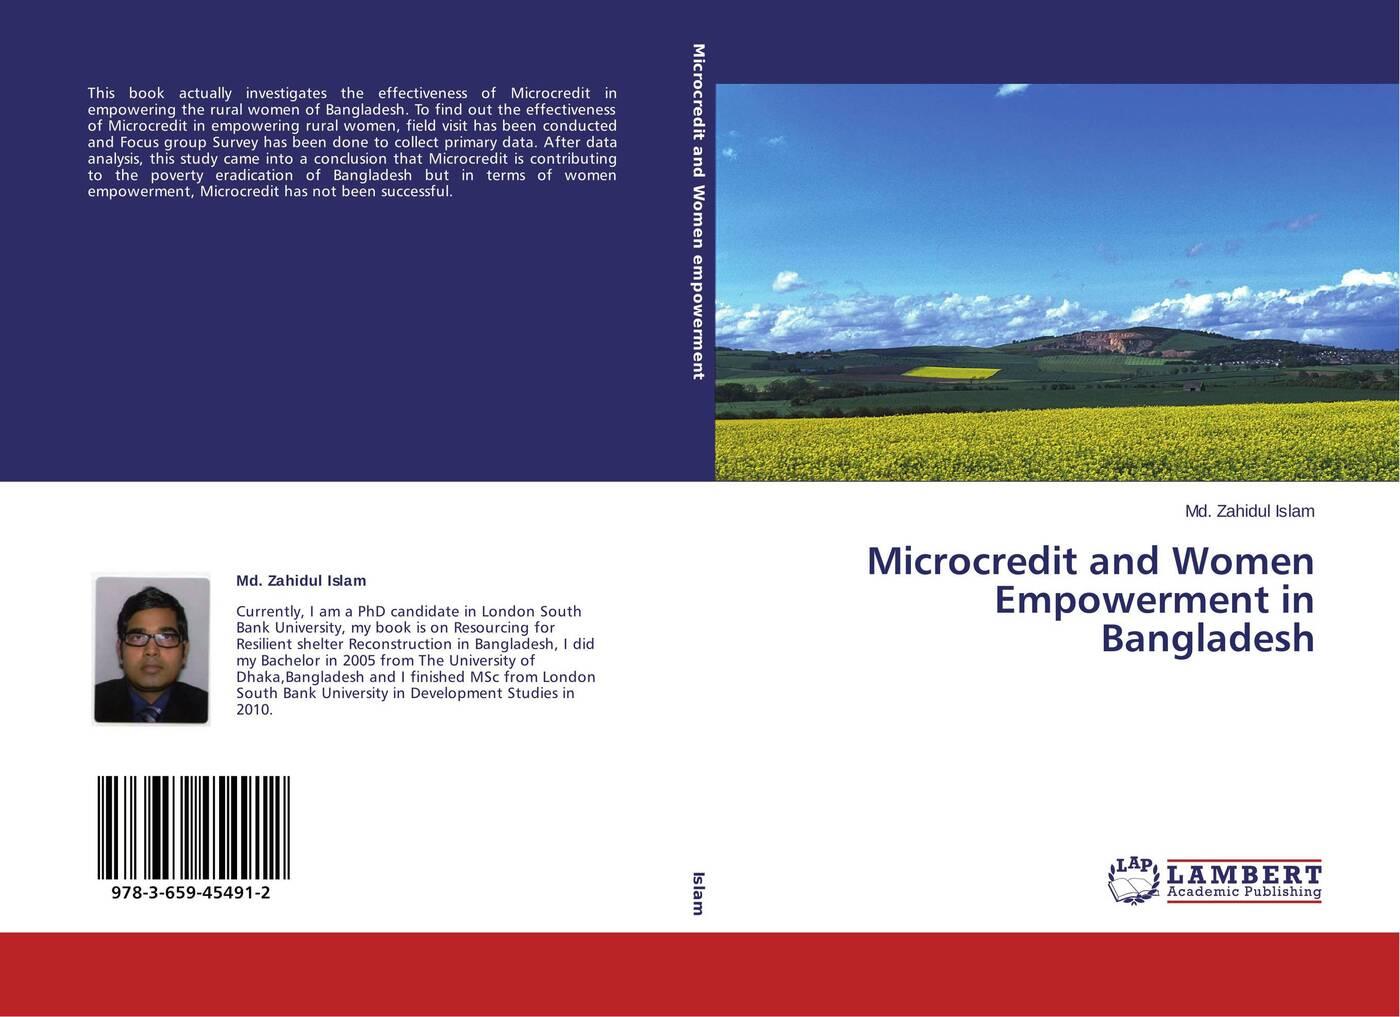 Фото - Md. Zahidul Islam Microcredit and Women Empowerment in Bangladesh sabina sultana and shaikh shamim hasan impact of micro credit on empowerment of rural women in bangladesh